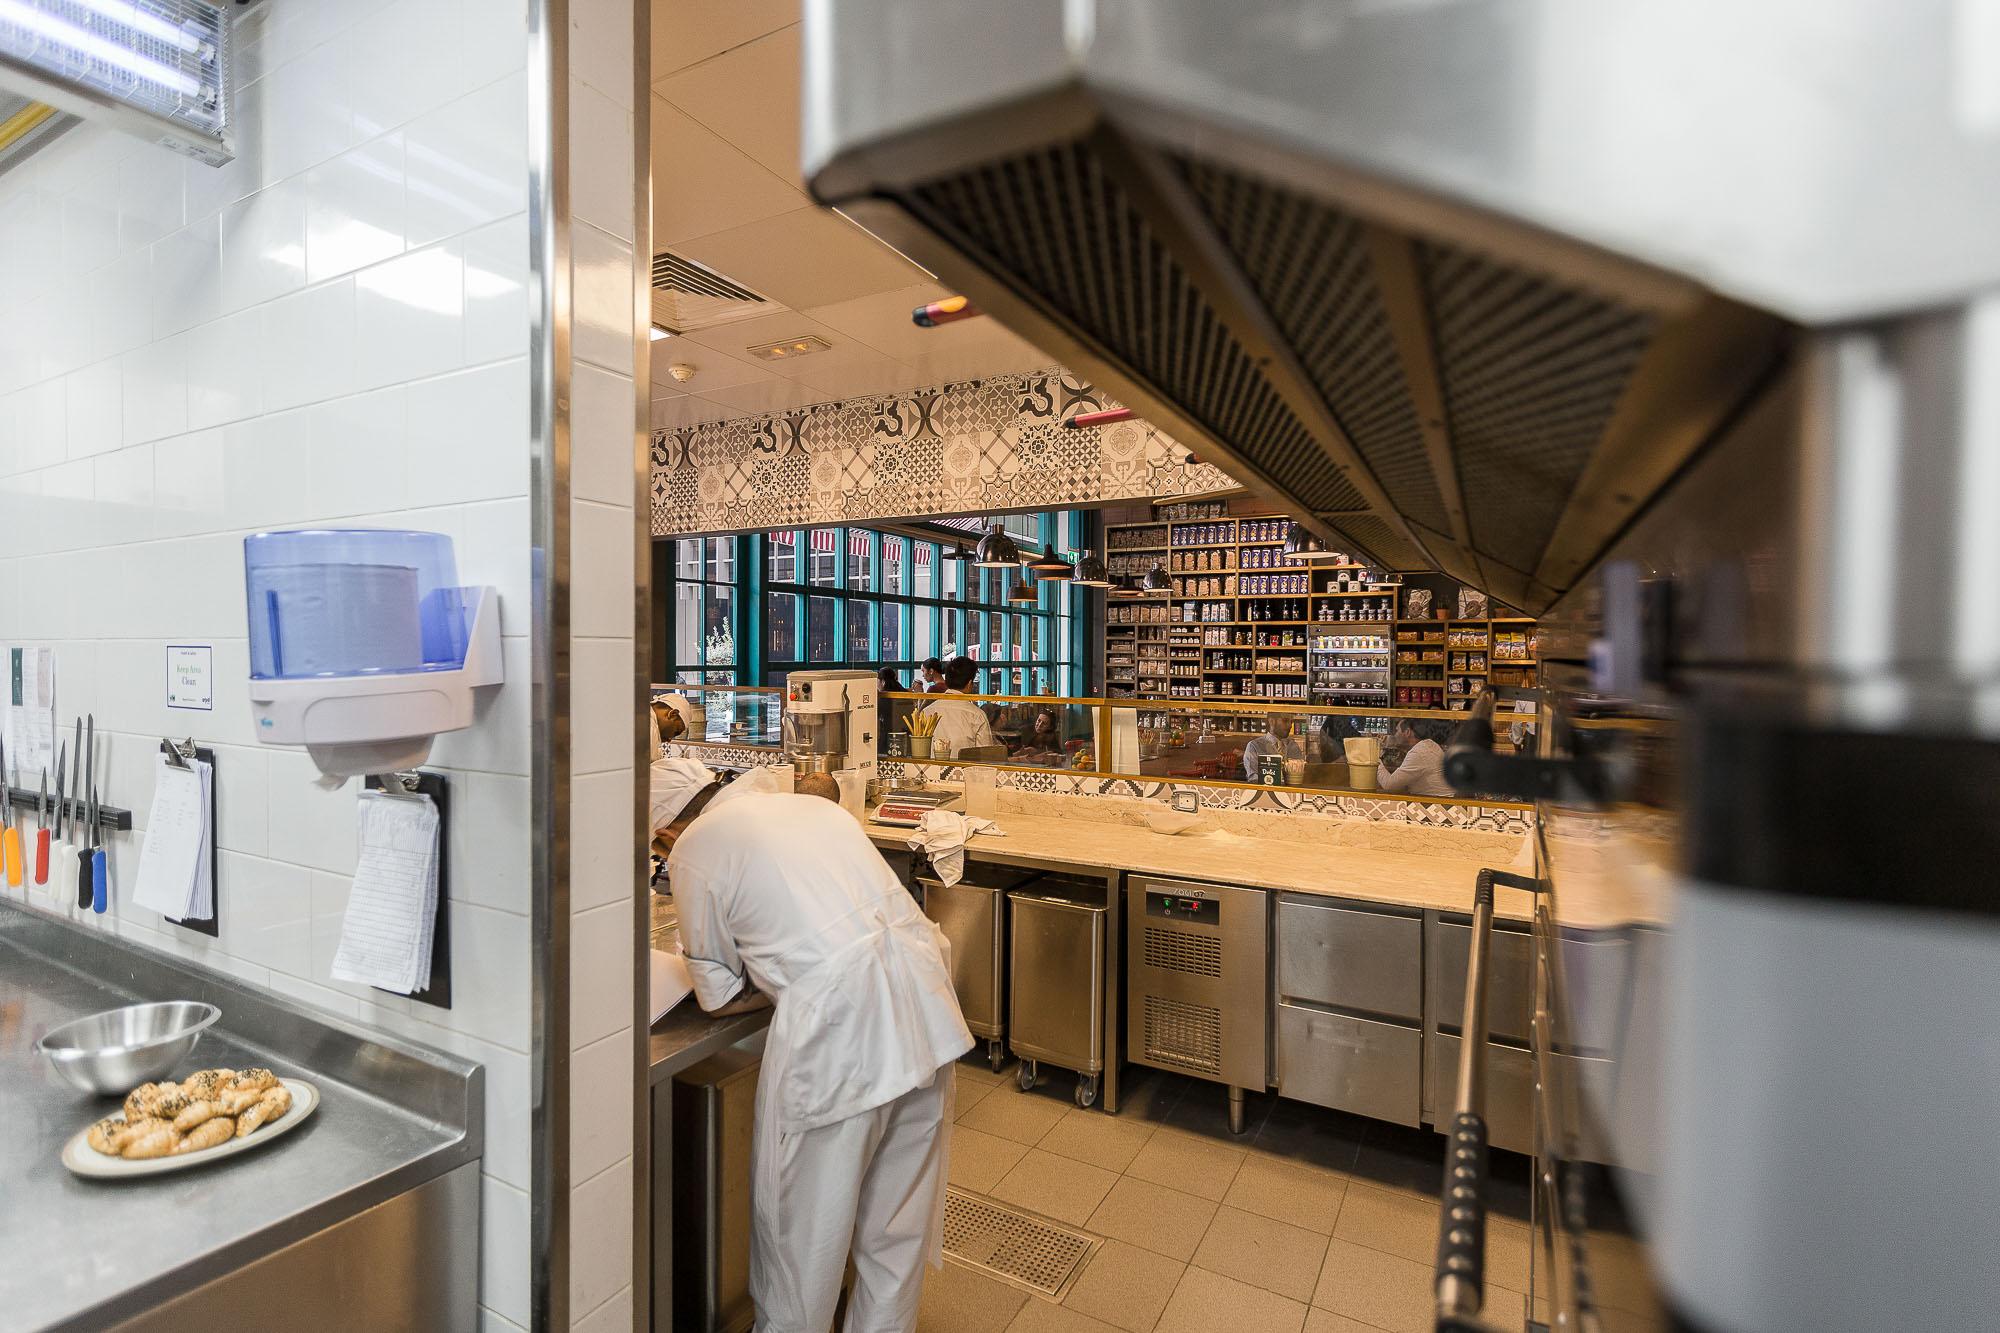 mercato_italia_kitchen_dubai_1